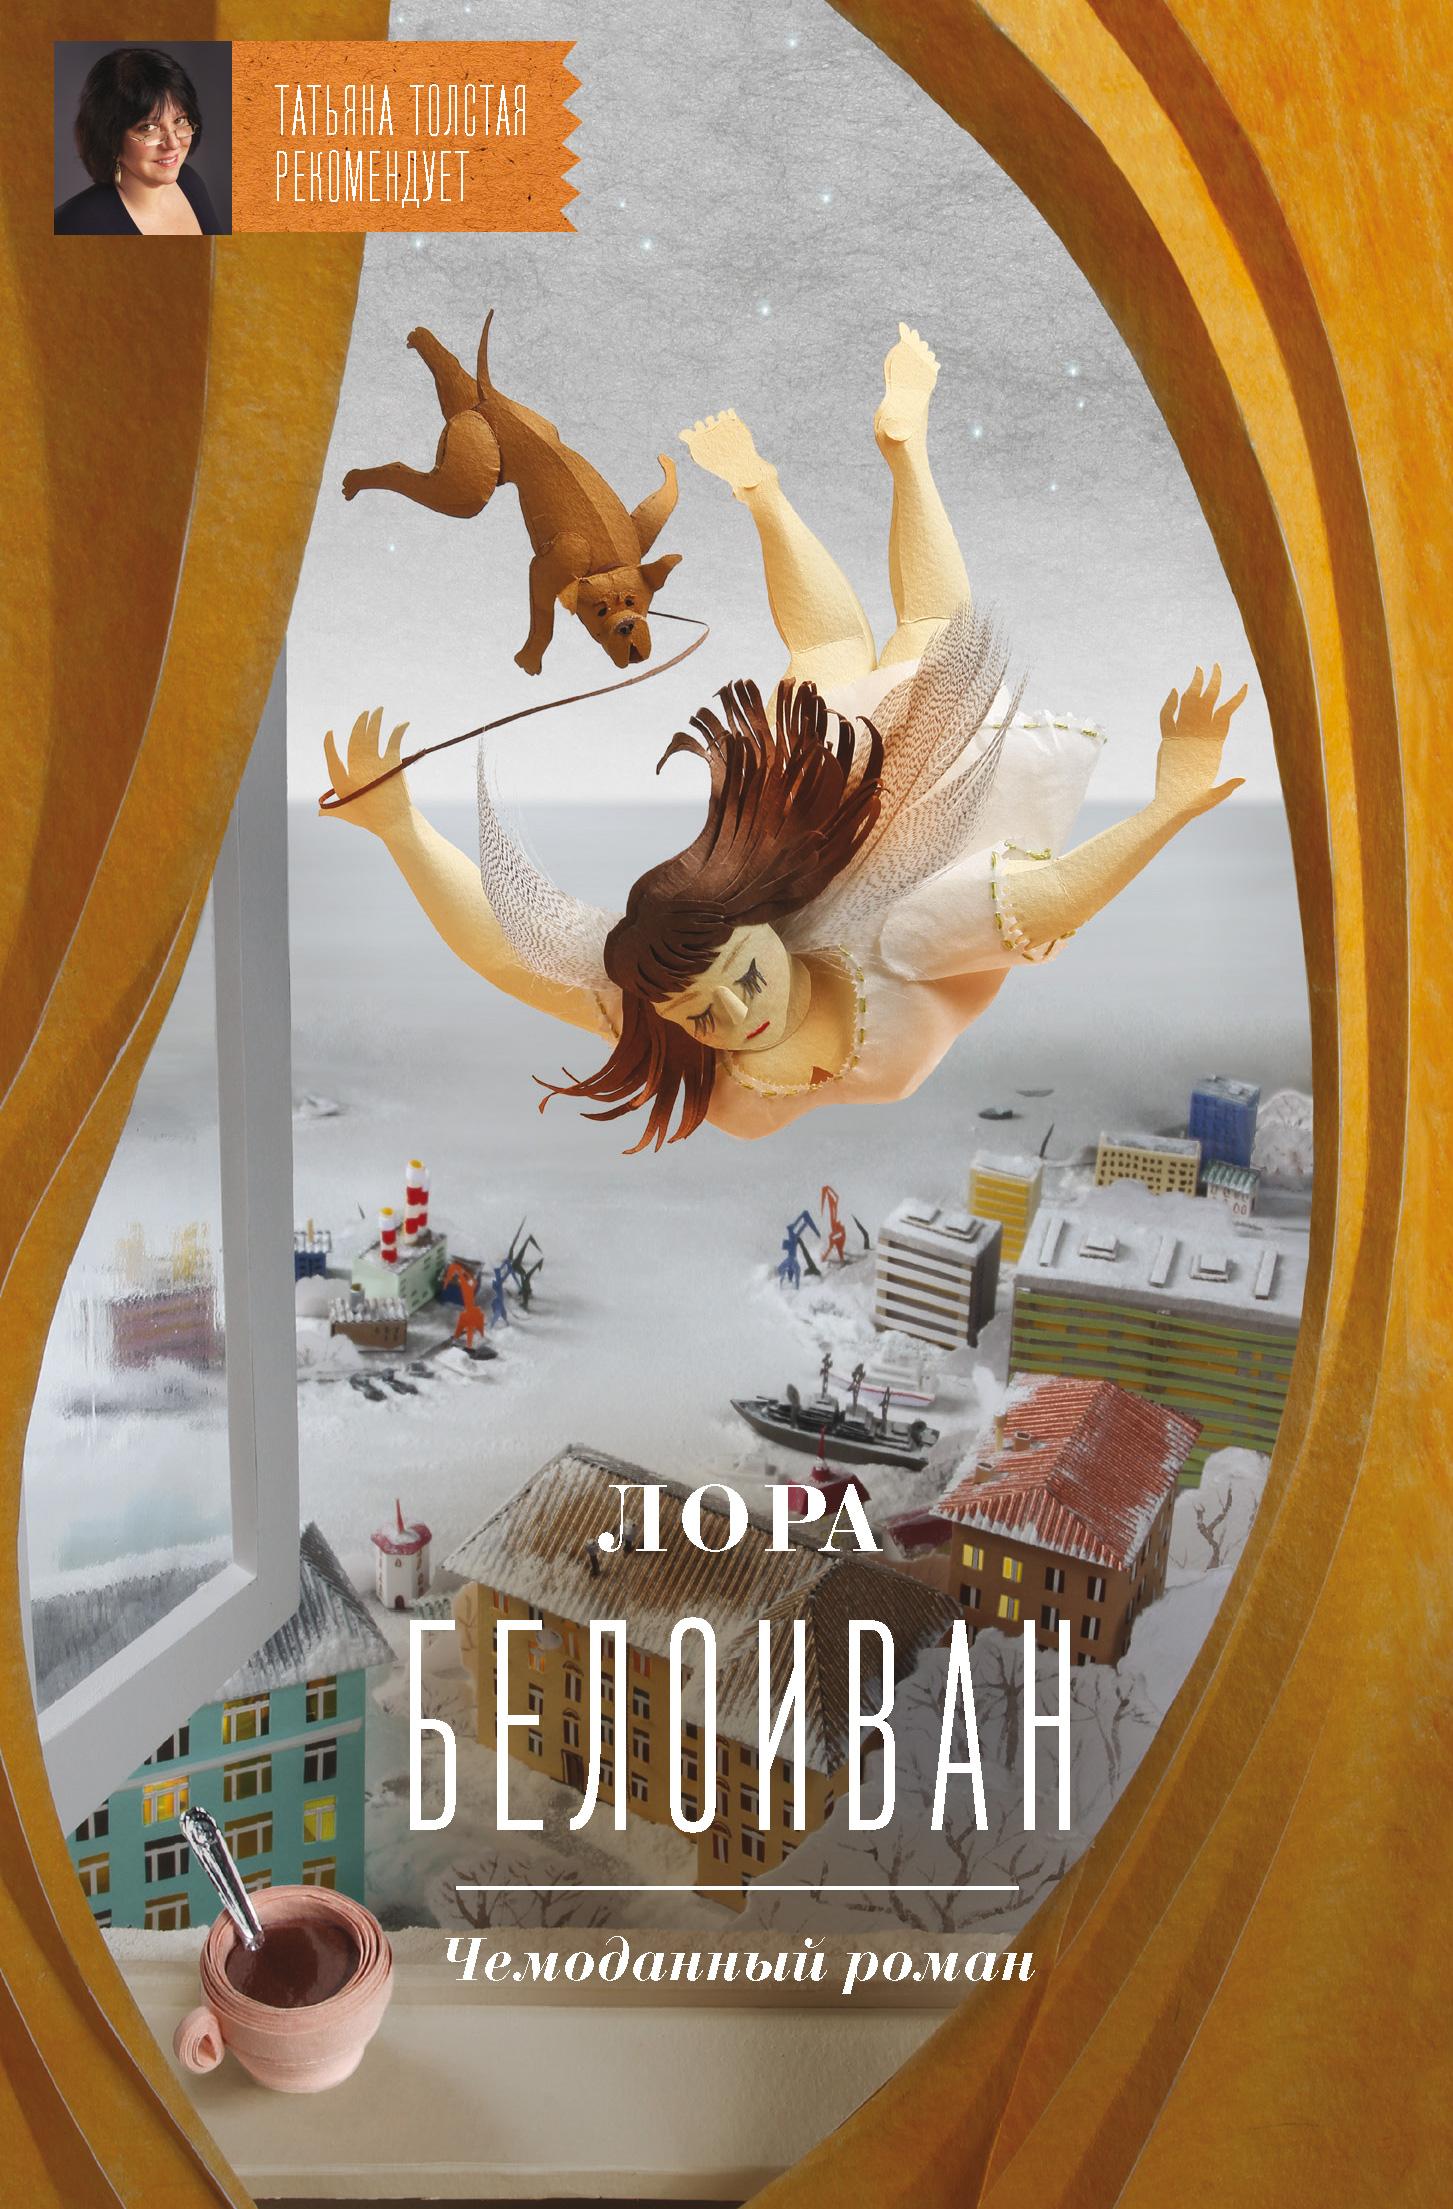 5ab21b31981c Лора Белоиван, Чемоданный роман – читать онлайн полностью – ЛитРес